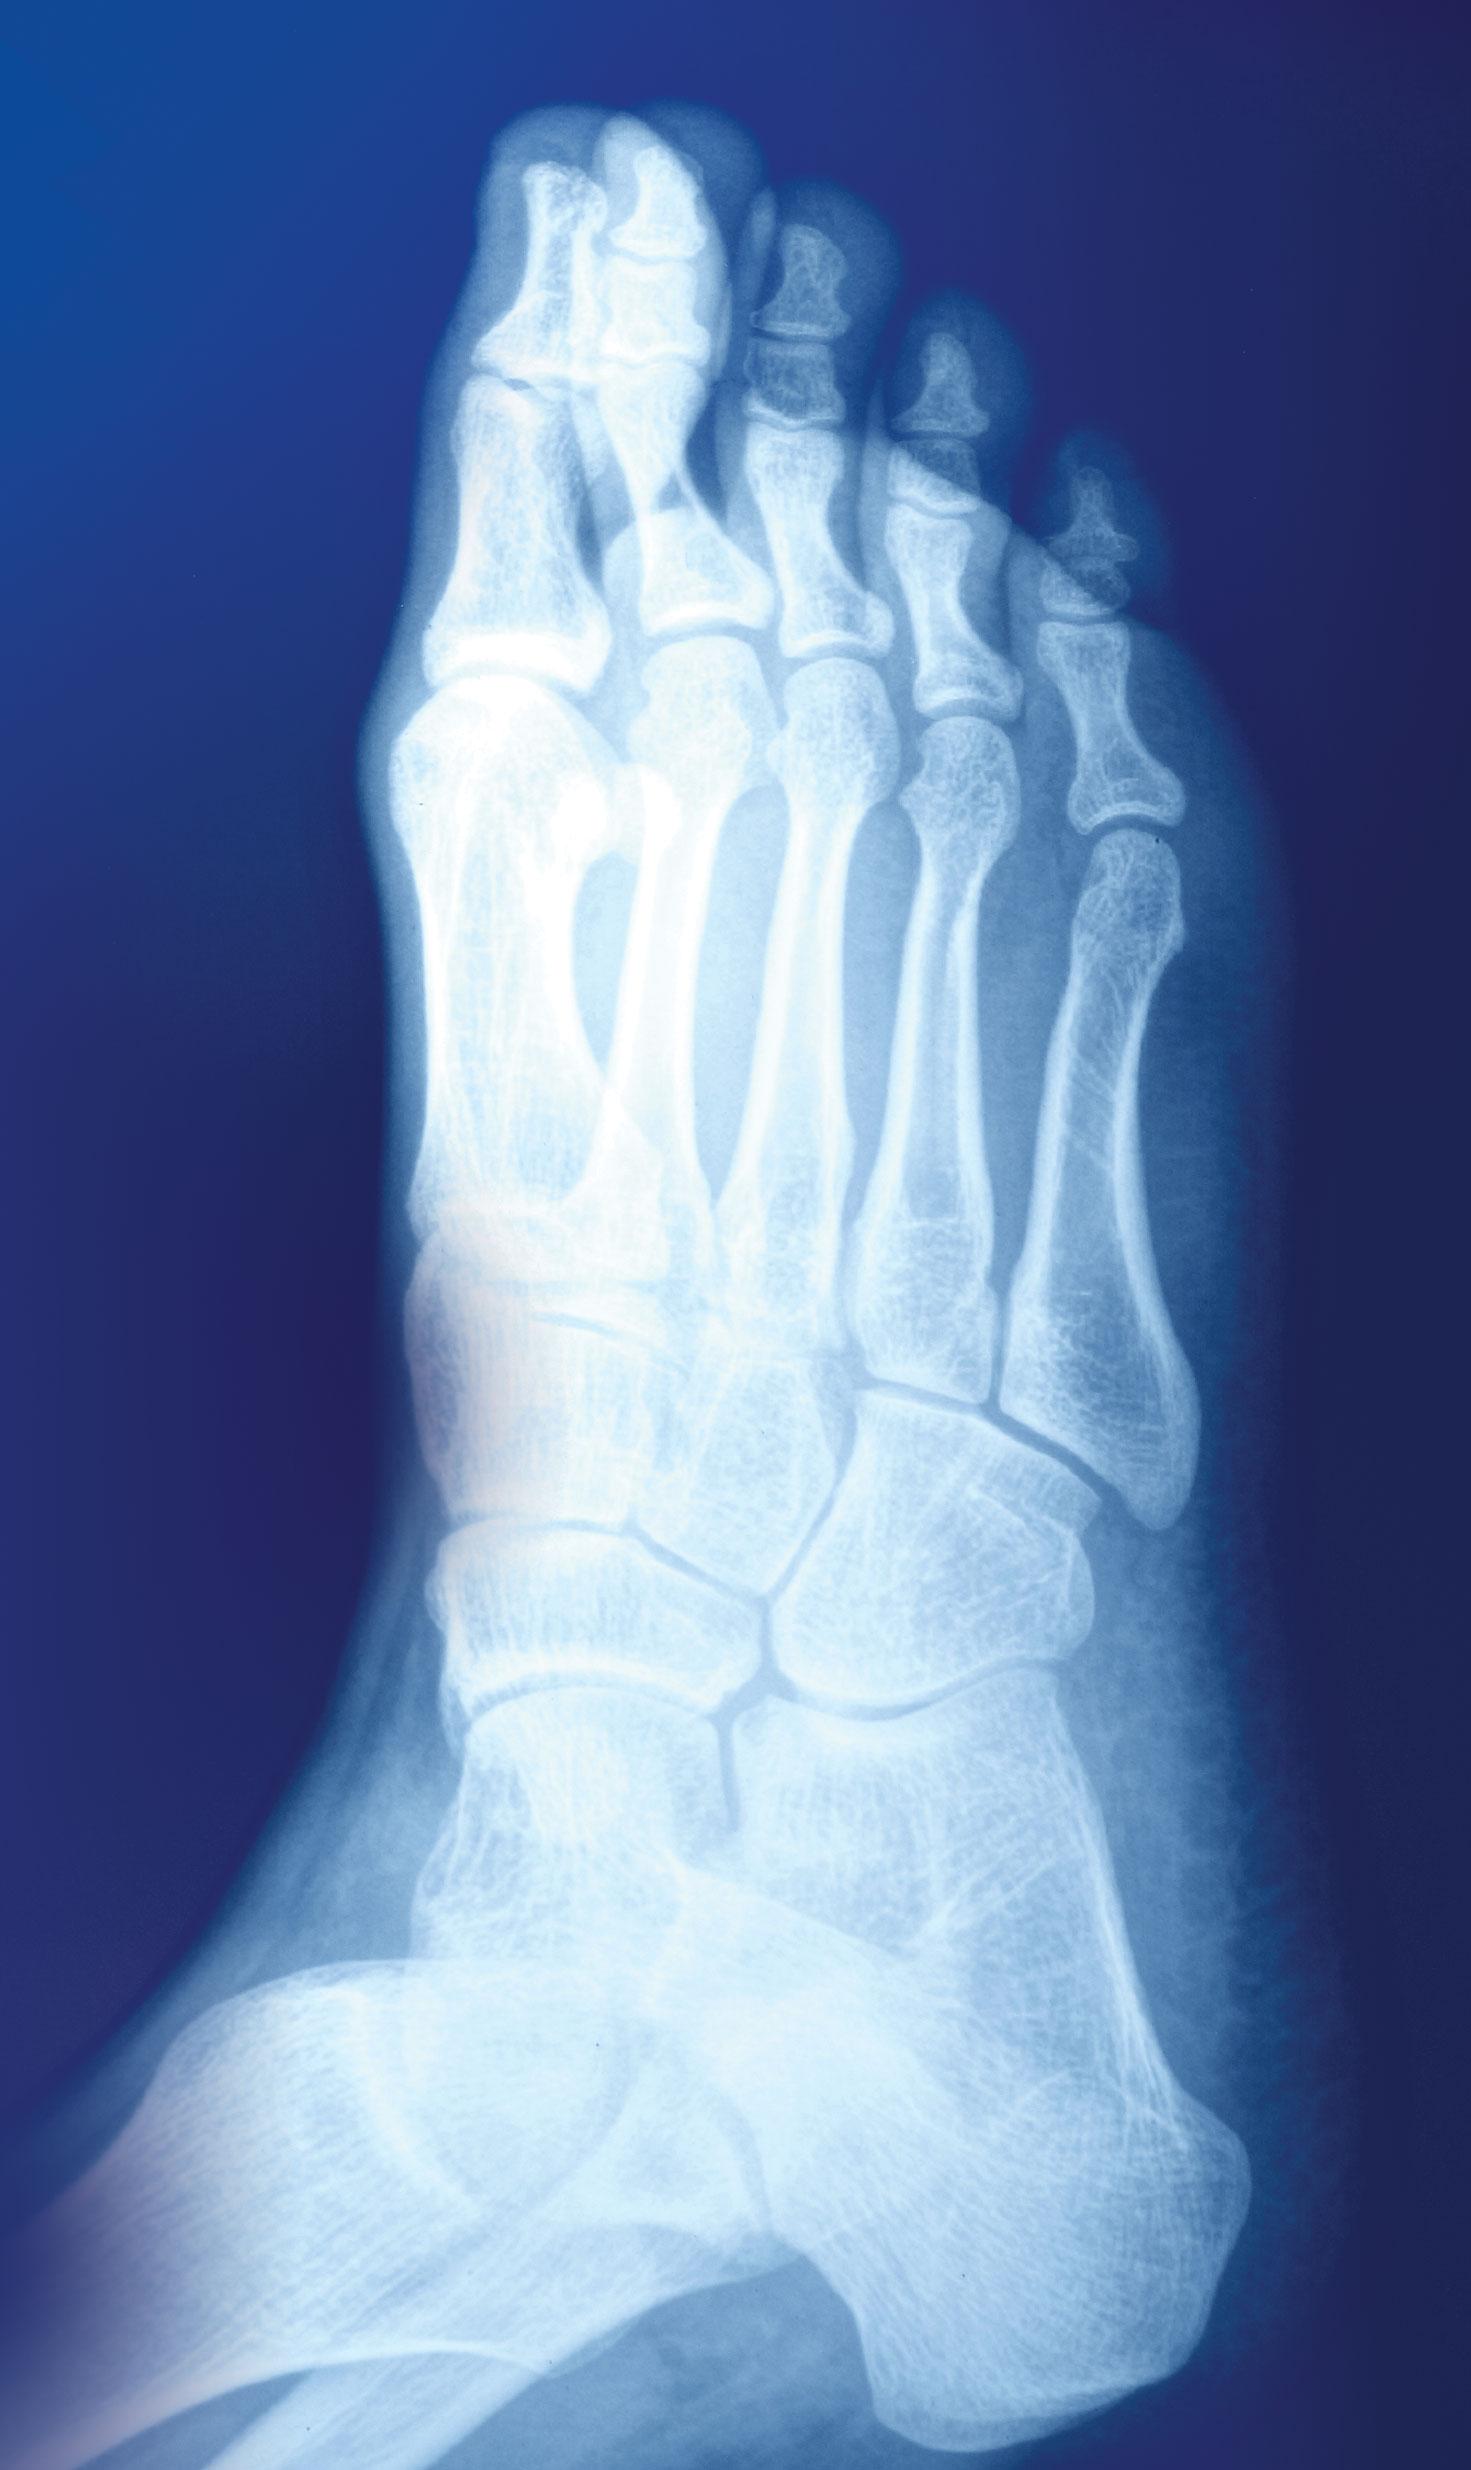 Preventing broken bones